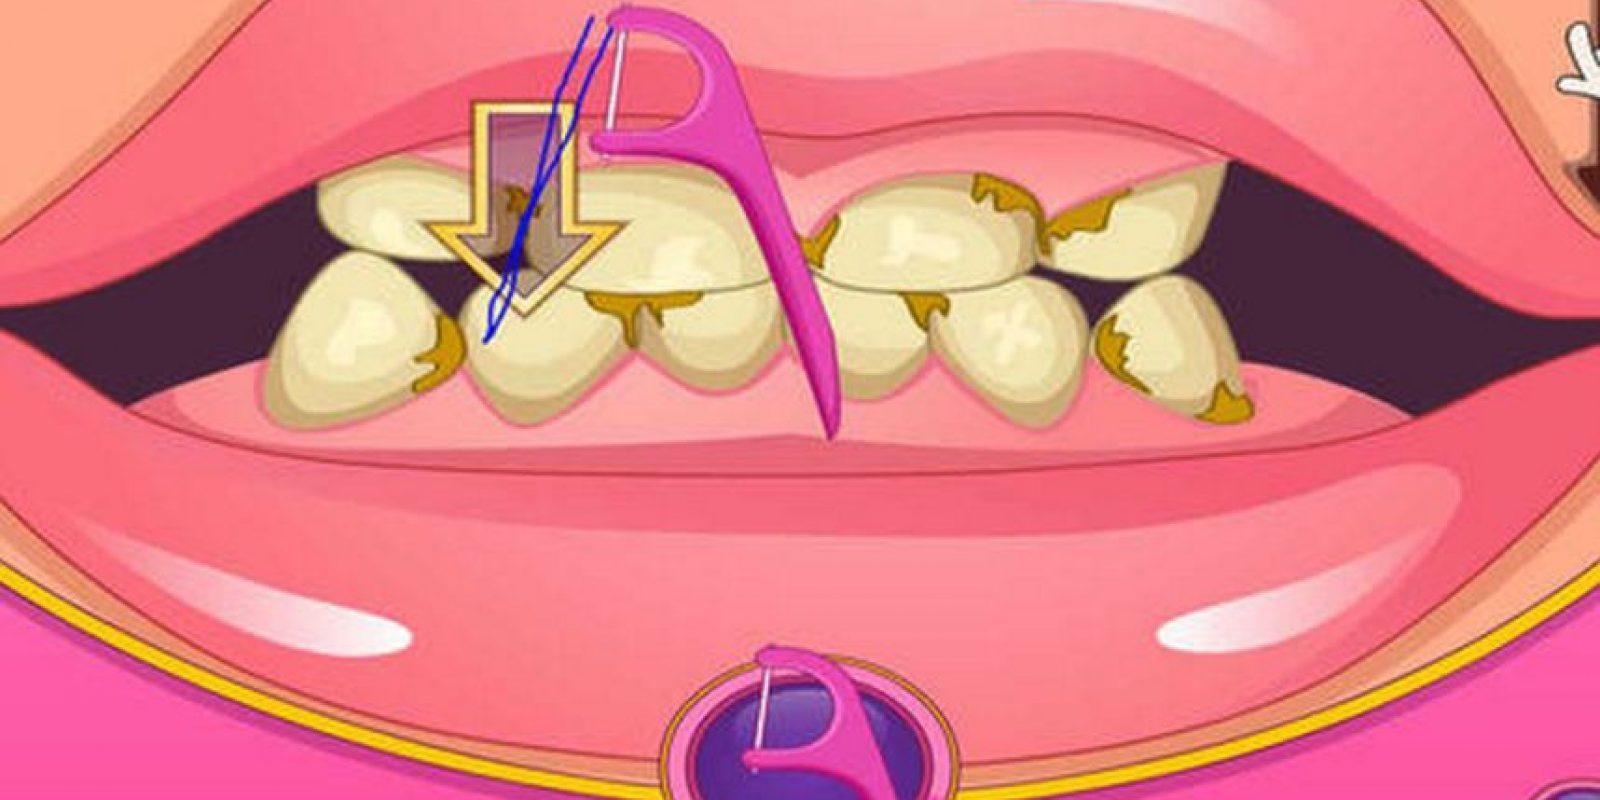 Esta app simula un visita al dentista Foto:corina rodriguez